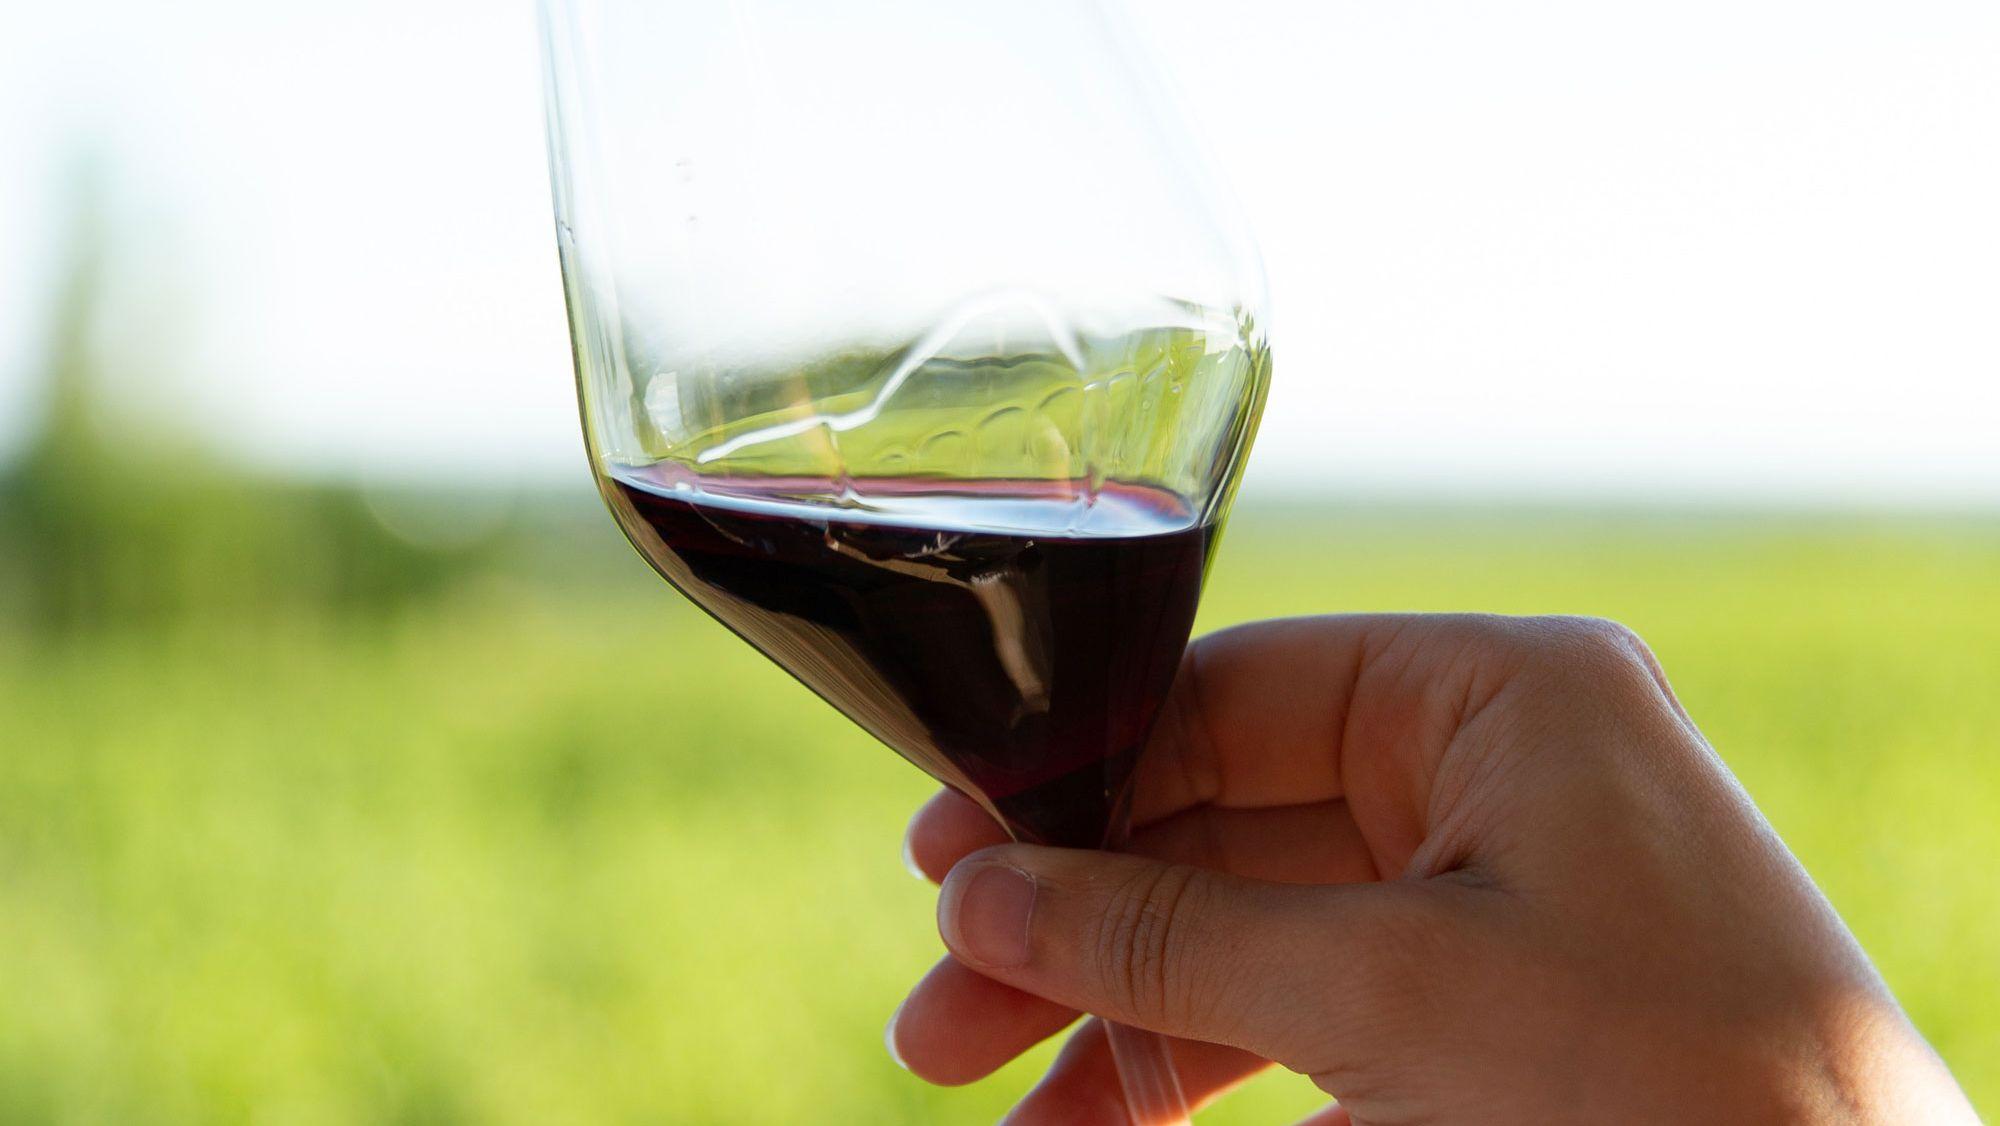 「ワインの涙」現象はなぜ起こる?衝撃波による新理論